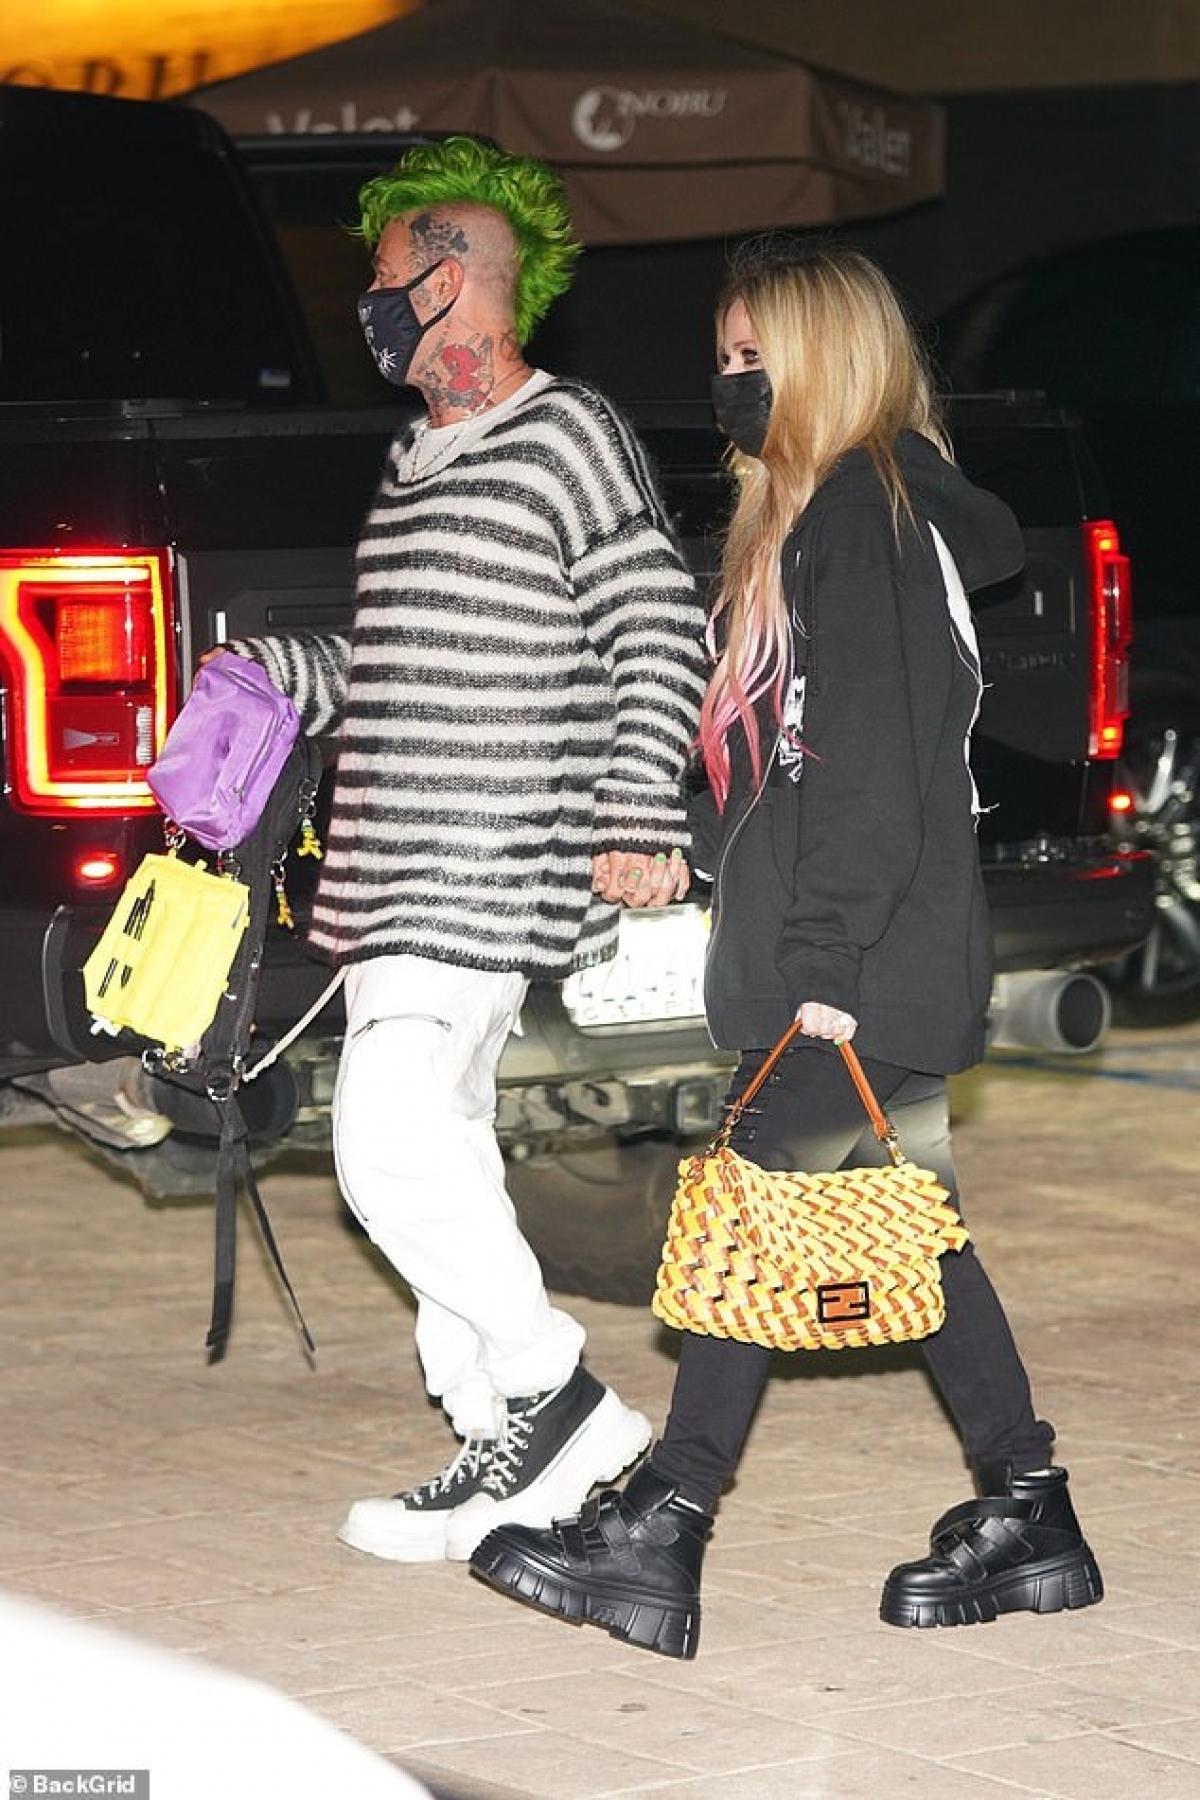 Ngoài ra, người đẹp Canada còn yêu nhiều người nổi tiếng khác như nhà sản xuất âm nhạc J.R. Rotem, ngôi sao truyền hình thực tế Brody Jenner (anh trai Kylie Jenner)./.